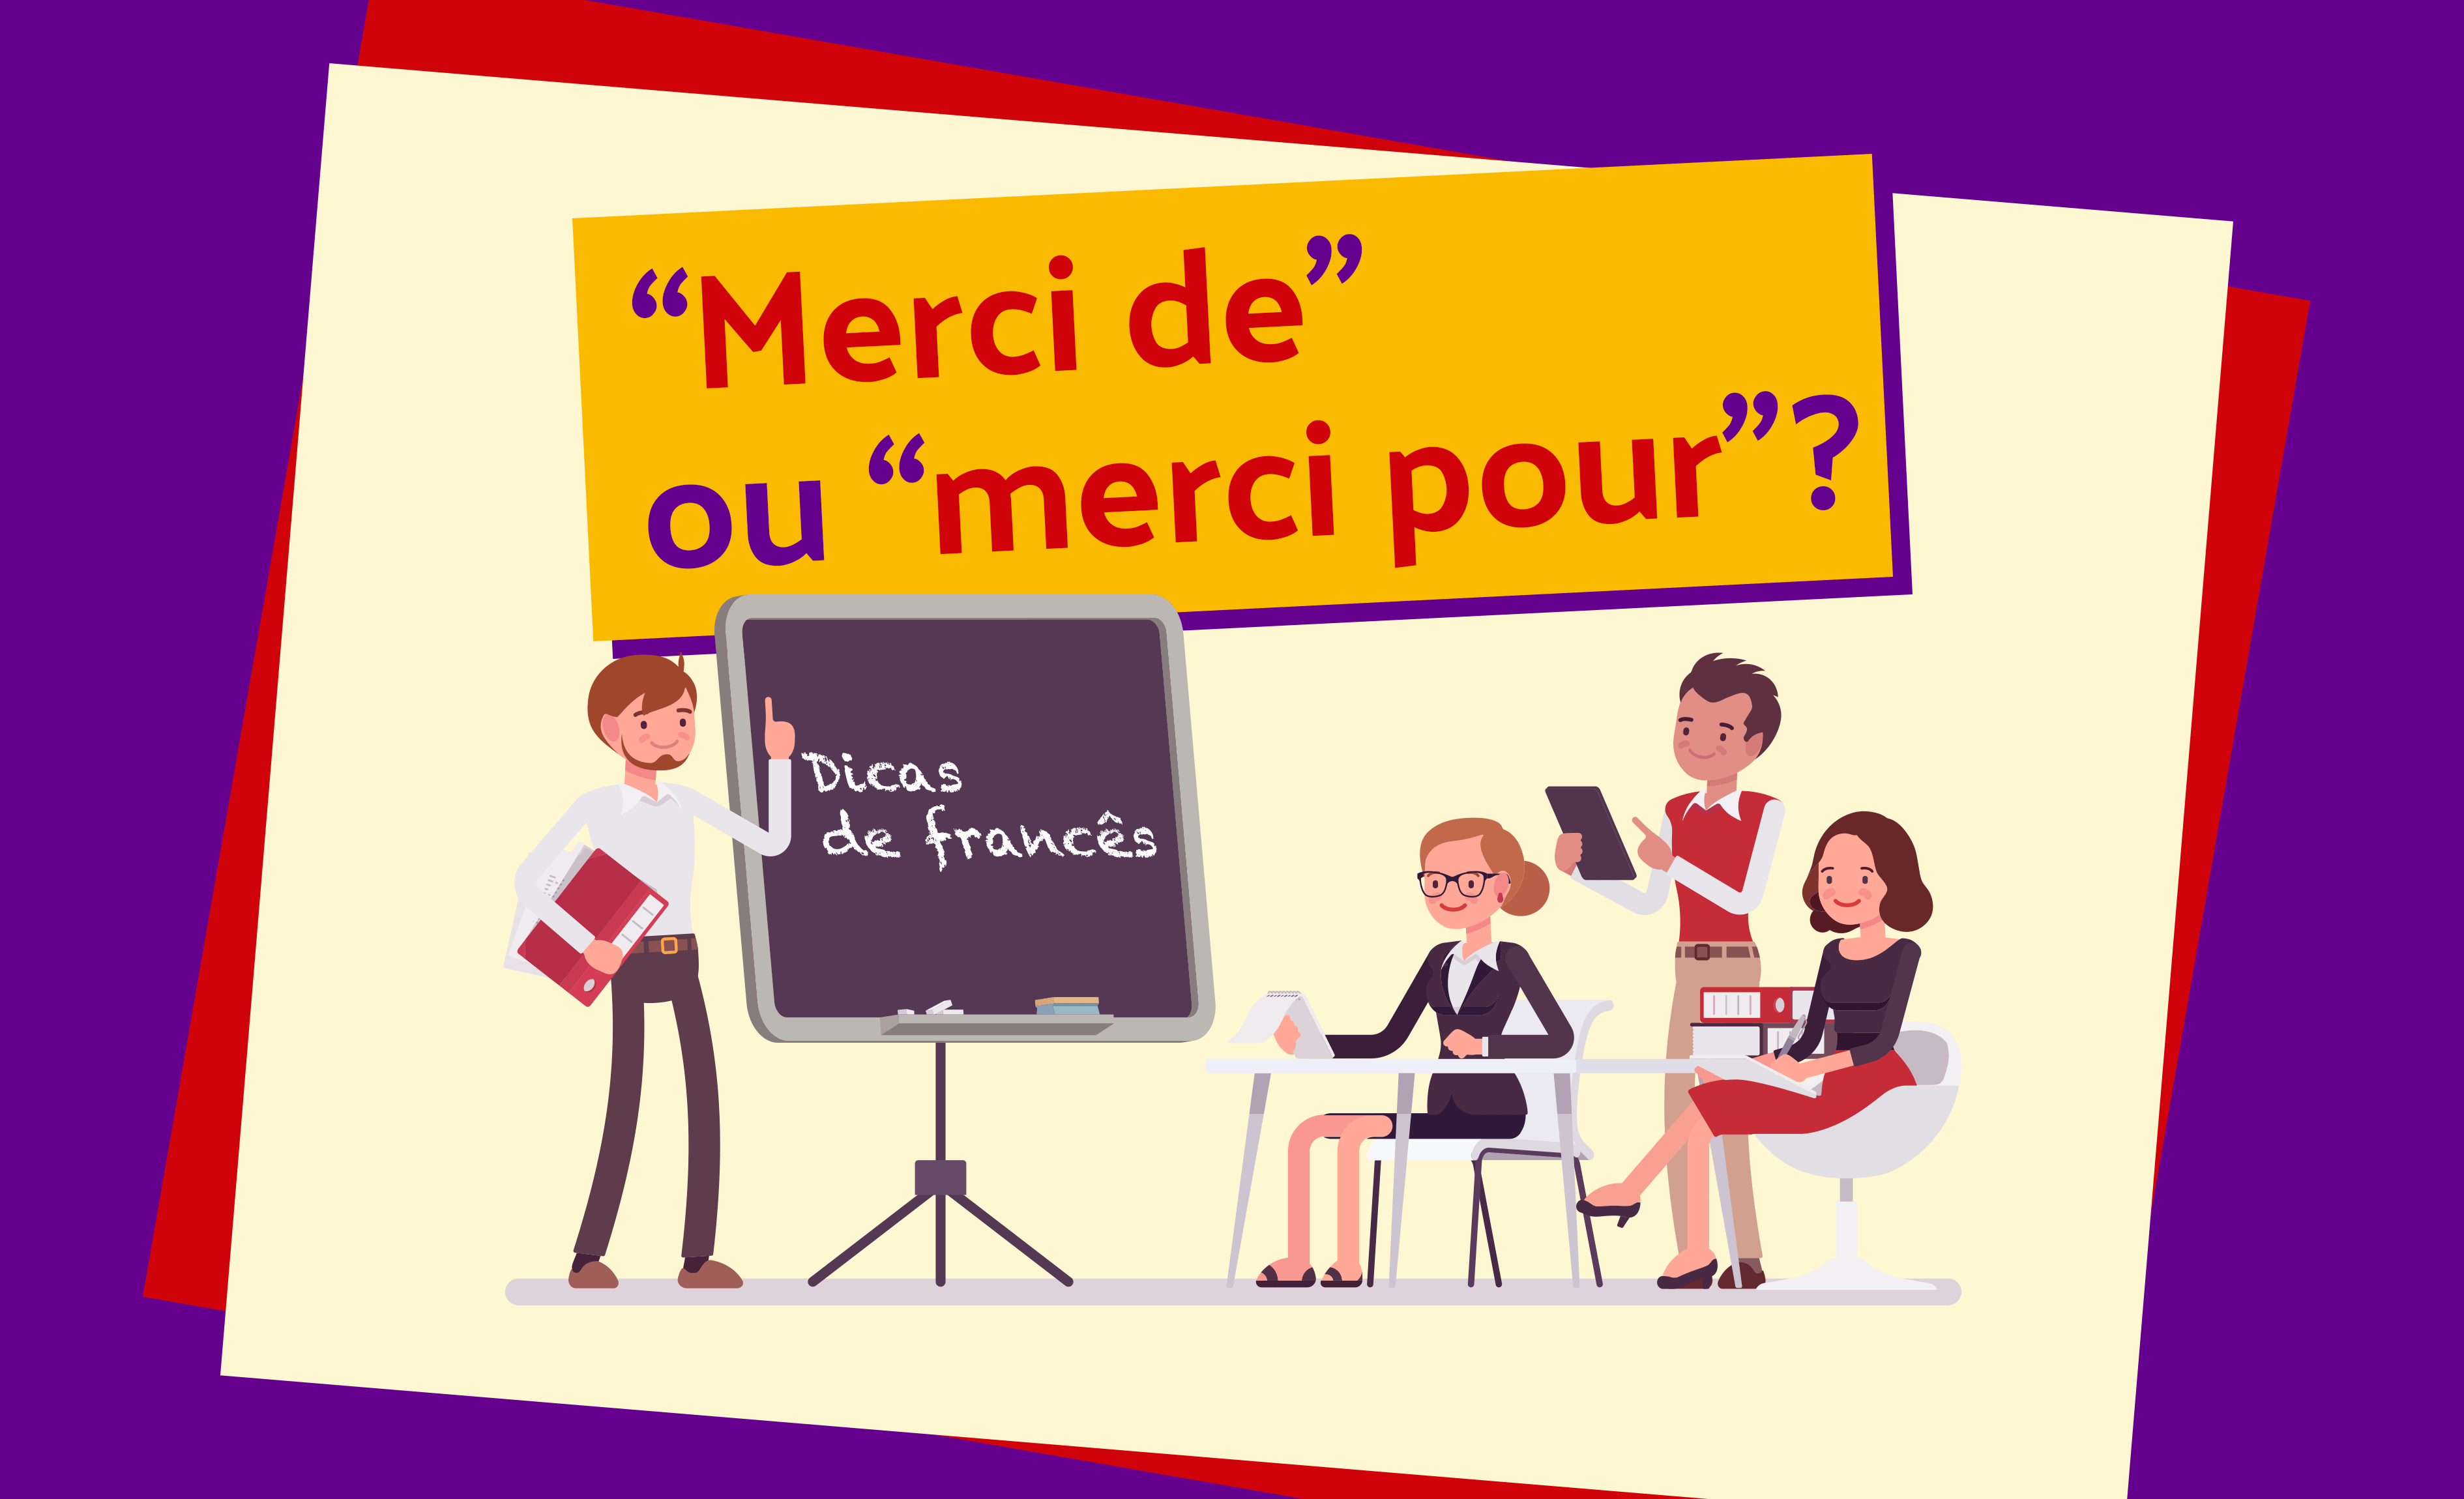 Pytanie o język #5 - Merci de czy merci pour? - nagłówek - Francuski przy kawie